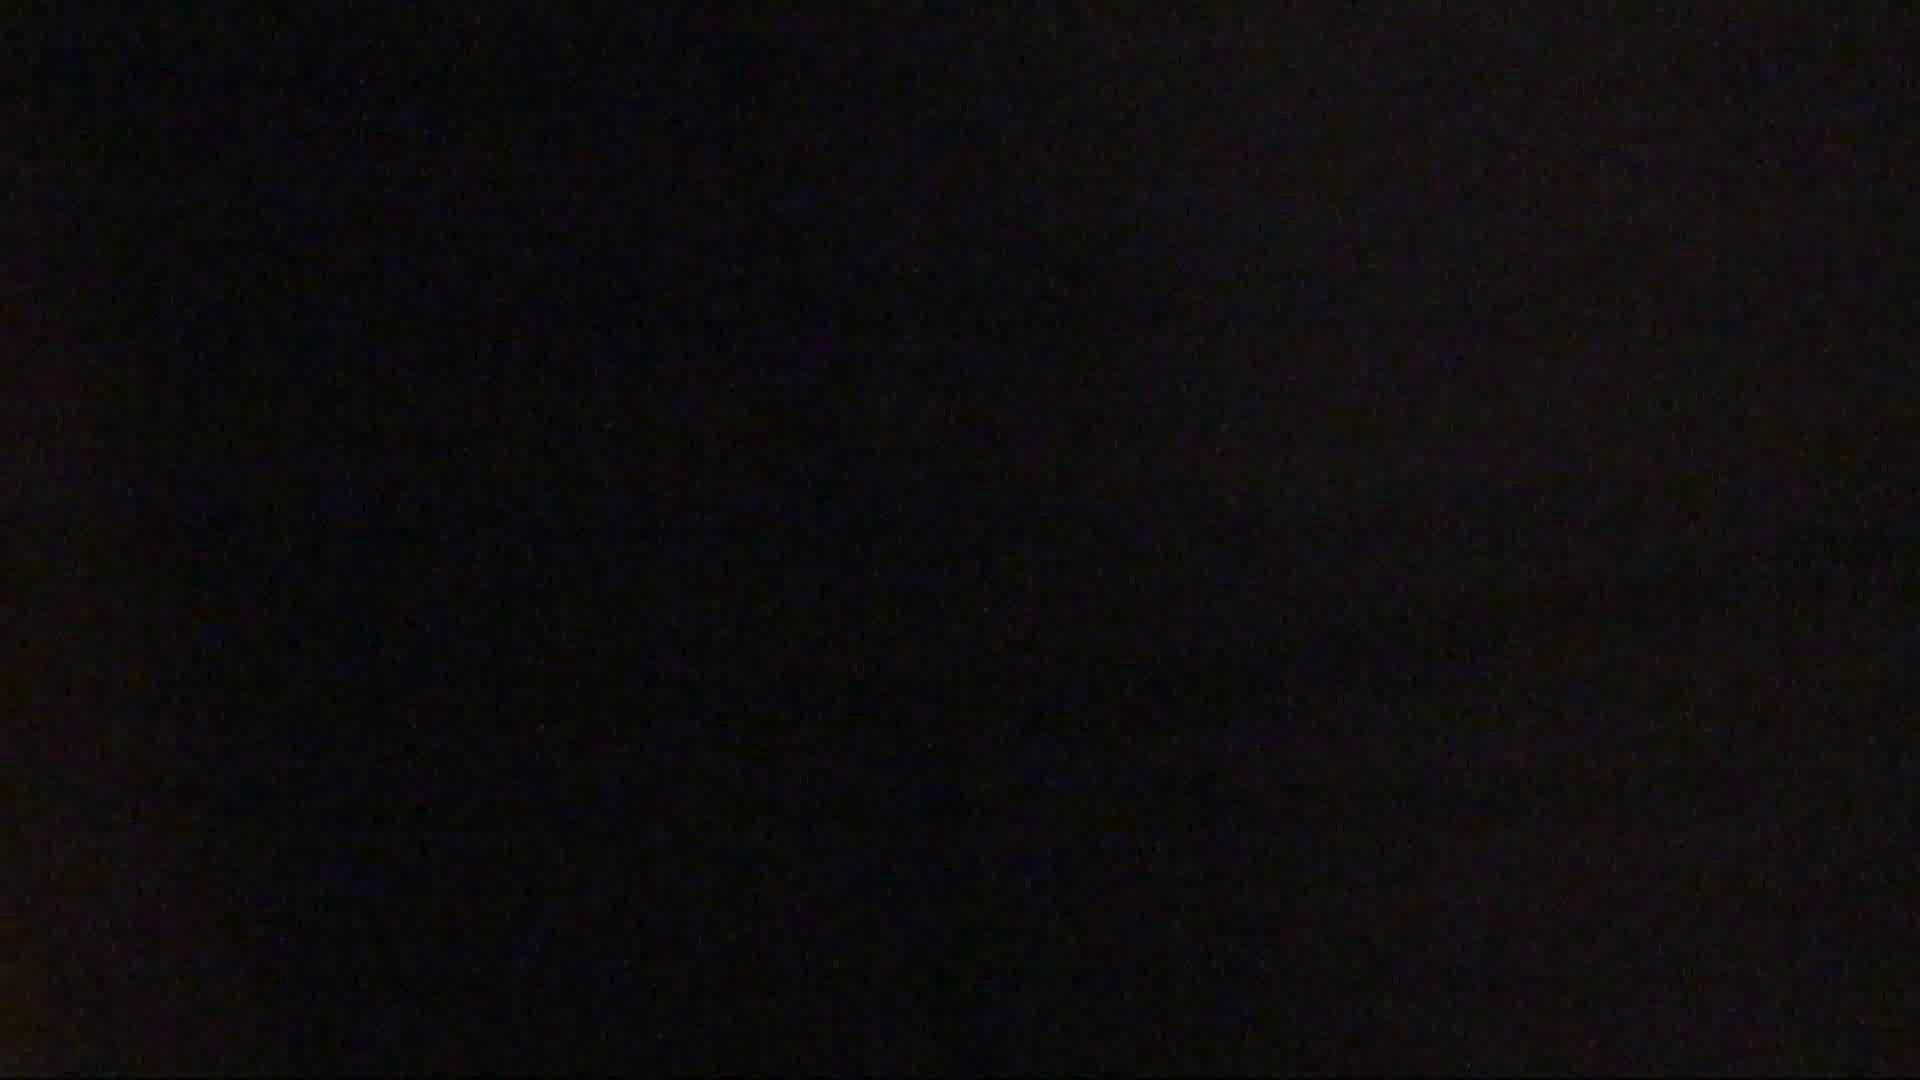 vol.02超可愛すぎる彼女の裸体をハイビジョンで!至近距離での眺め最高! 覗き エロ画像 54pic 29